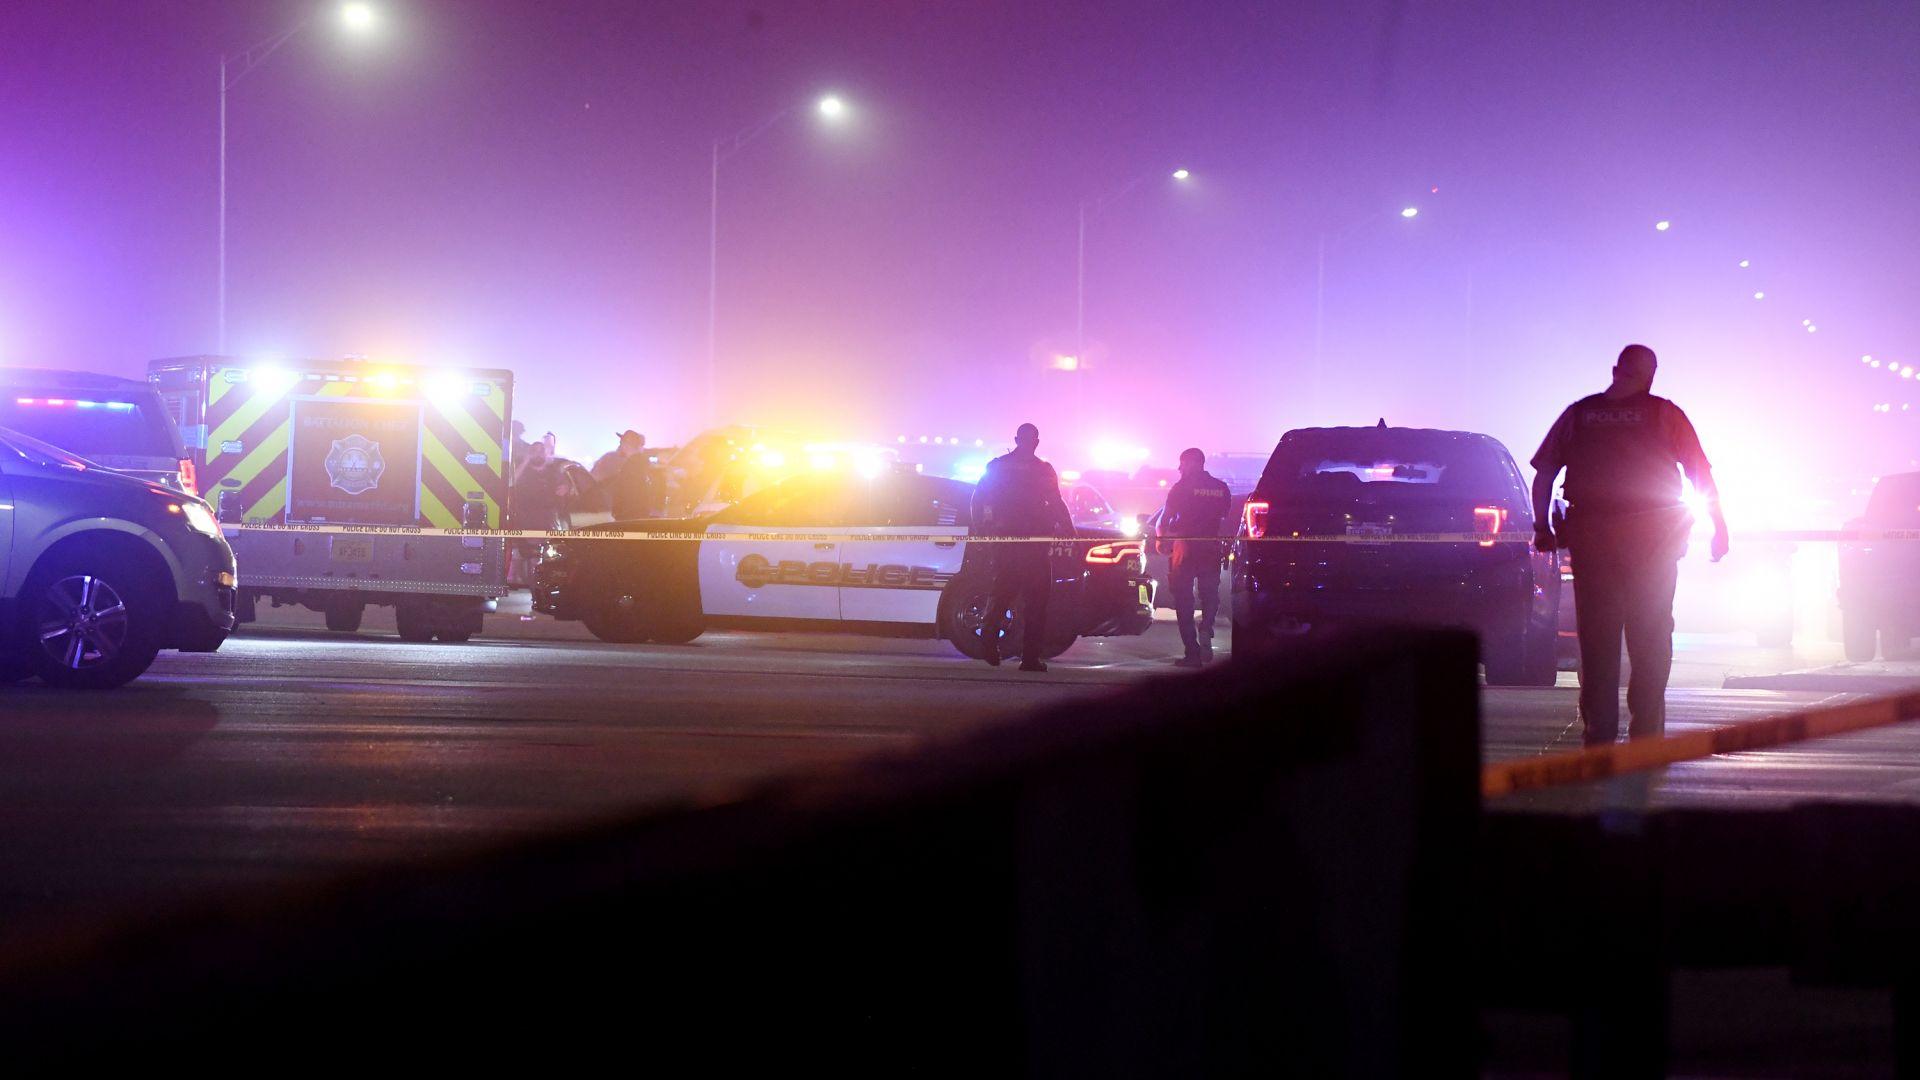 Четирима убити при стрелба в военна база във Флорида, стрелецът е саудитец